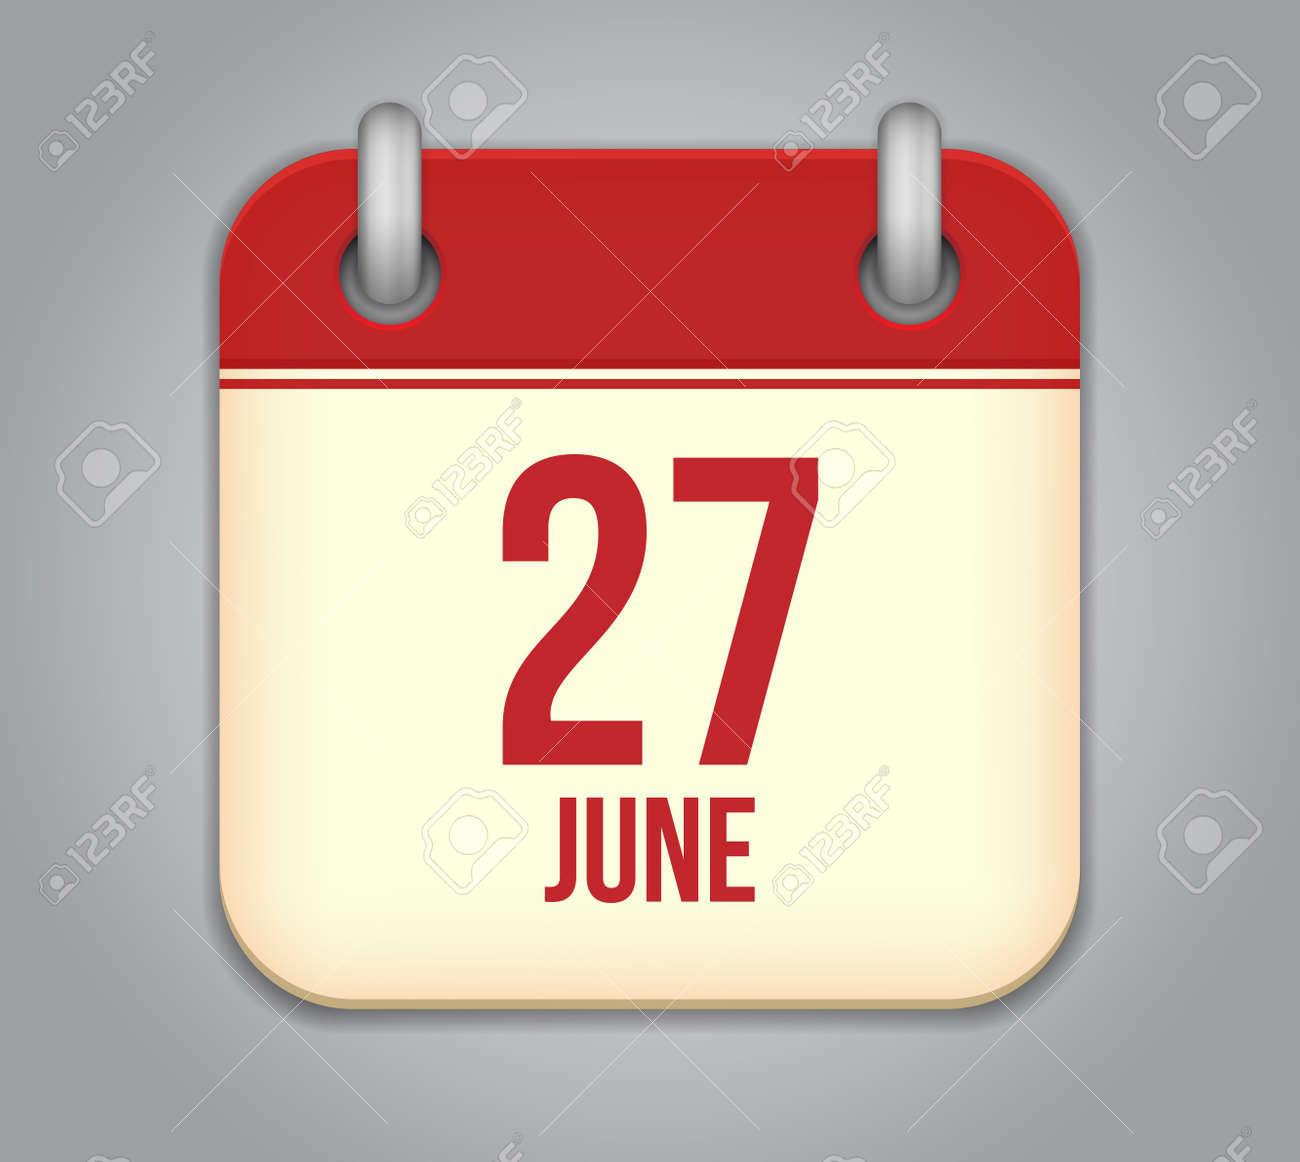 Vector calendar app icon Stock Vector - 19352174